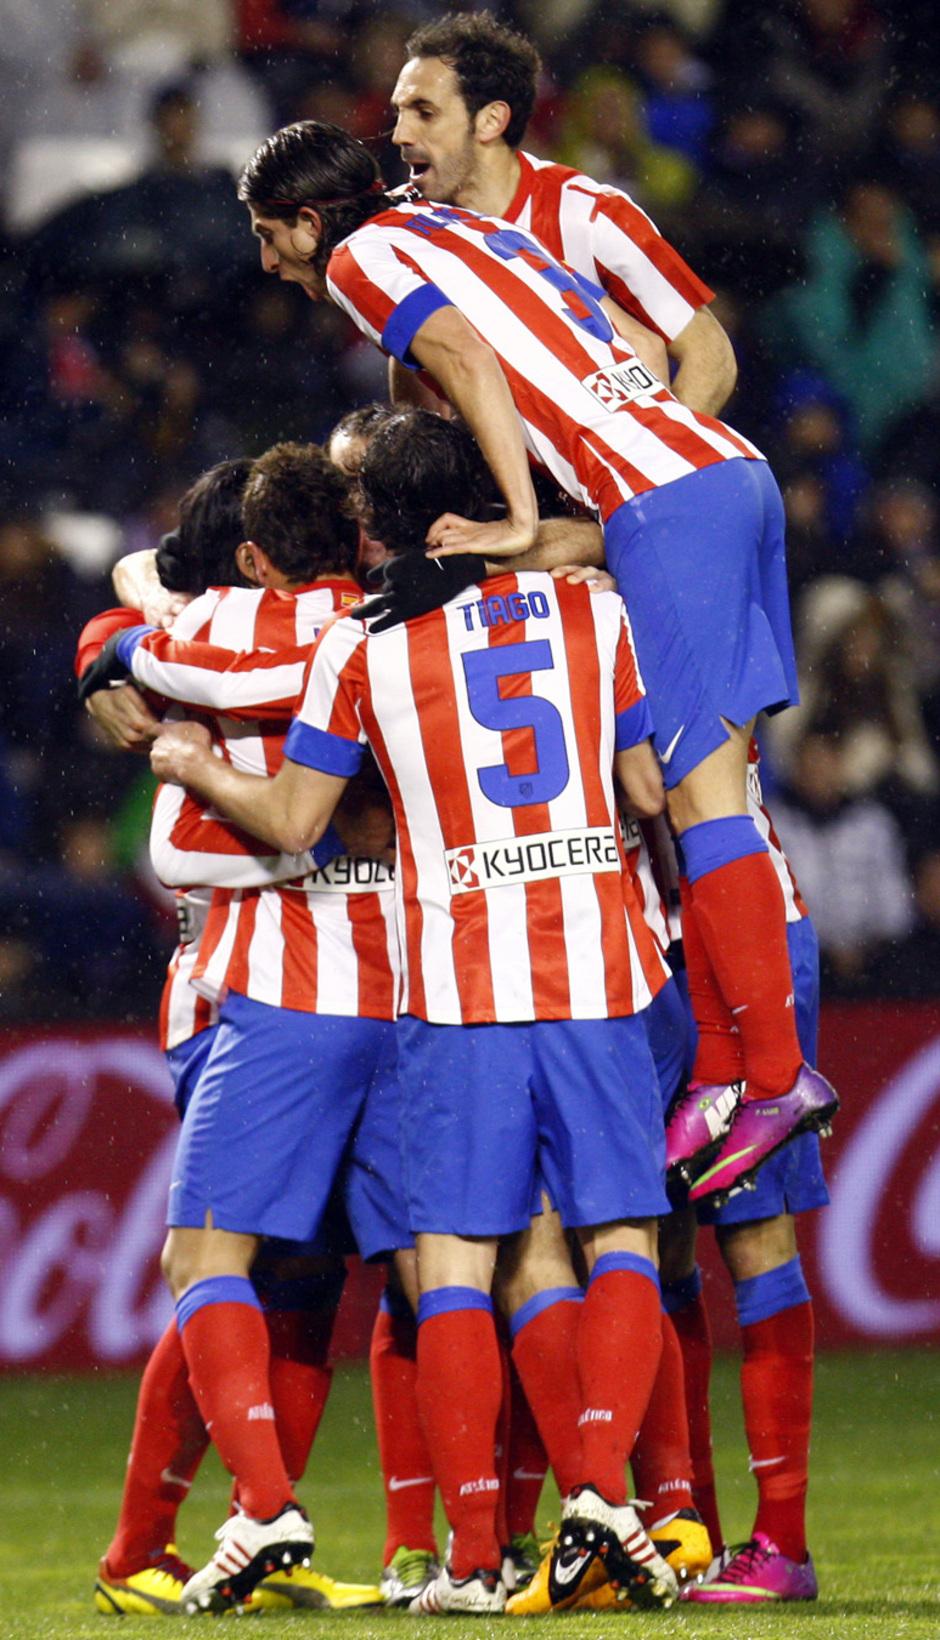 Temporada 2012-13. Los jugadores colchoneros celebran uno de los goles en Zorrilla